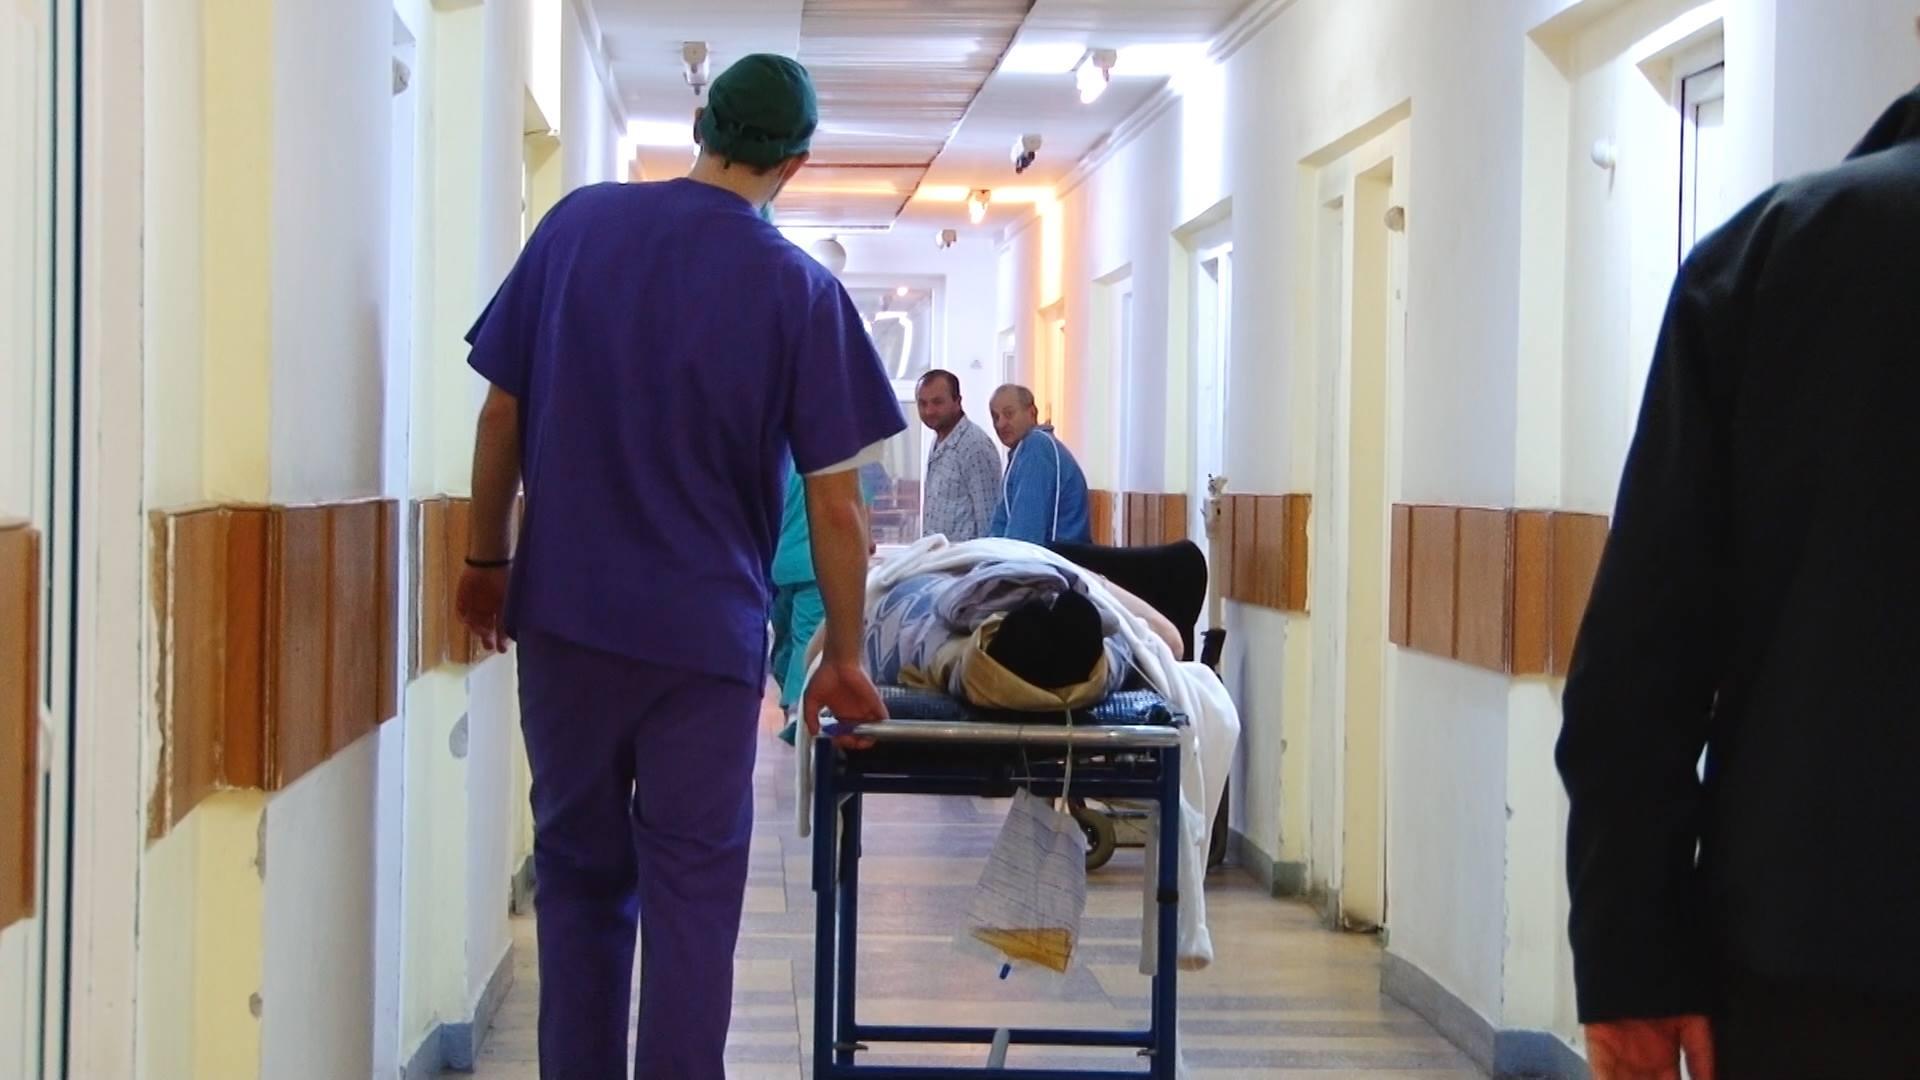 Парень из Теленешт, в которого стреляли, скончался в больнице